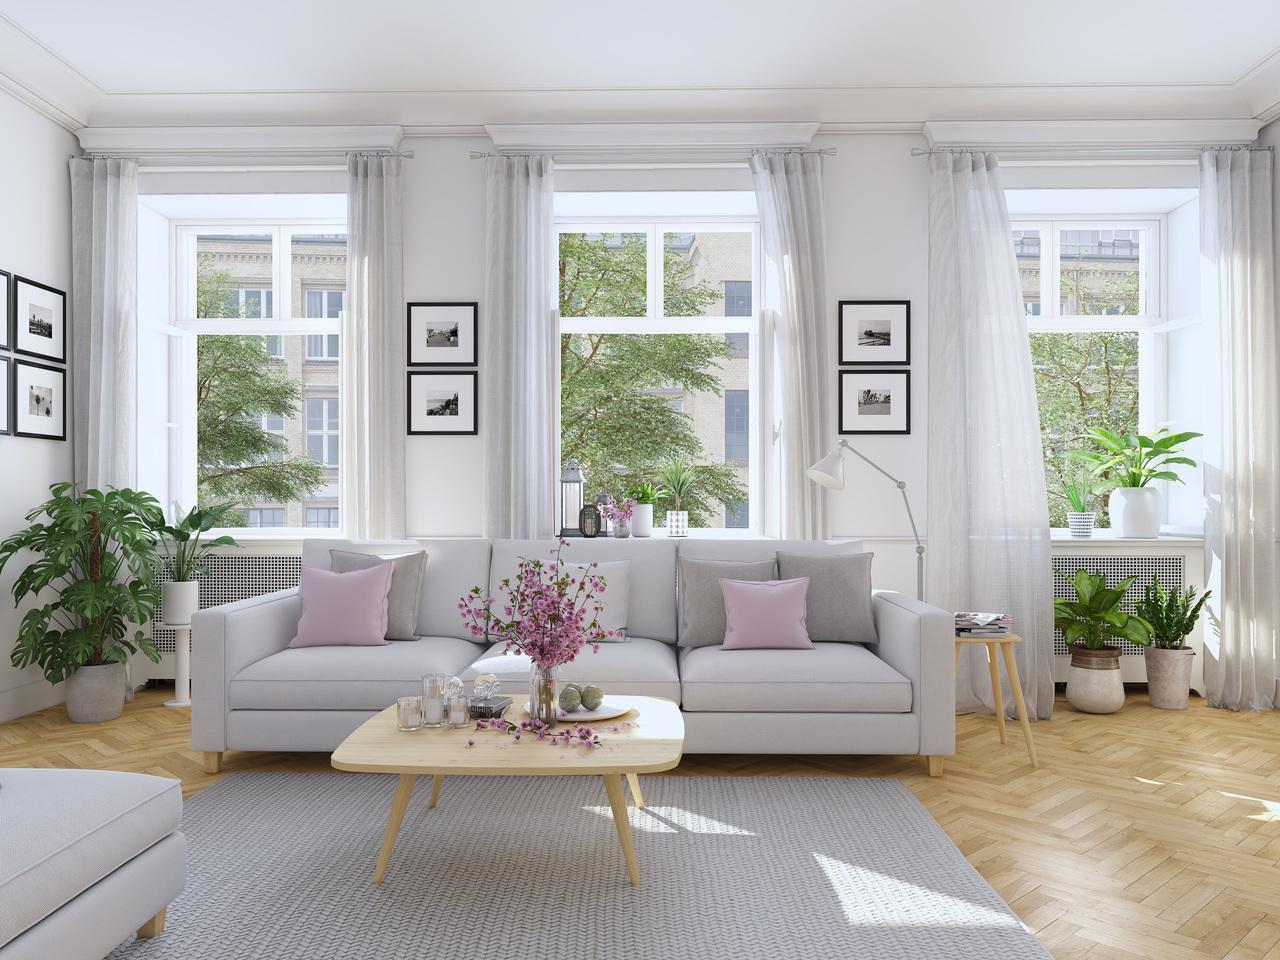 Trendy 2019 10 pomys w na przytulny salon ciekawe aran acje - Salon de la renovation ...